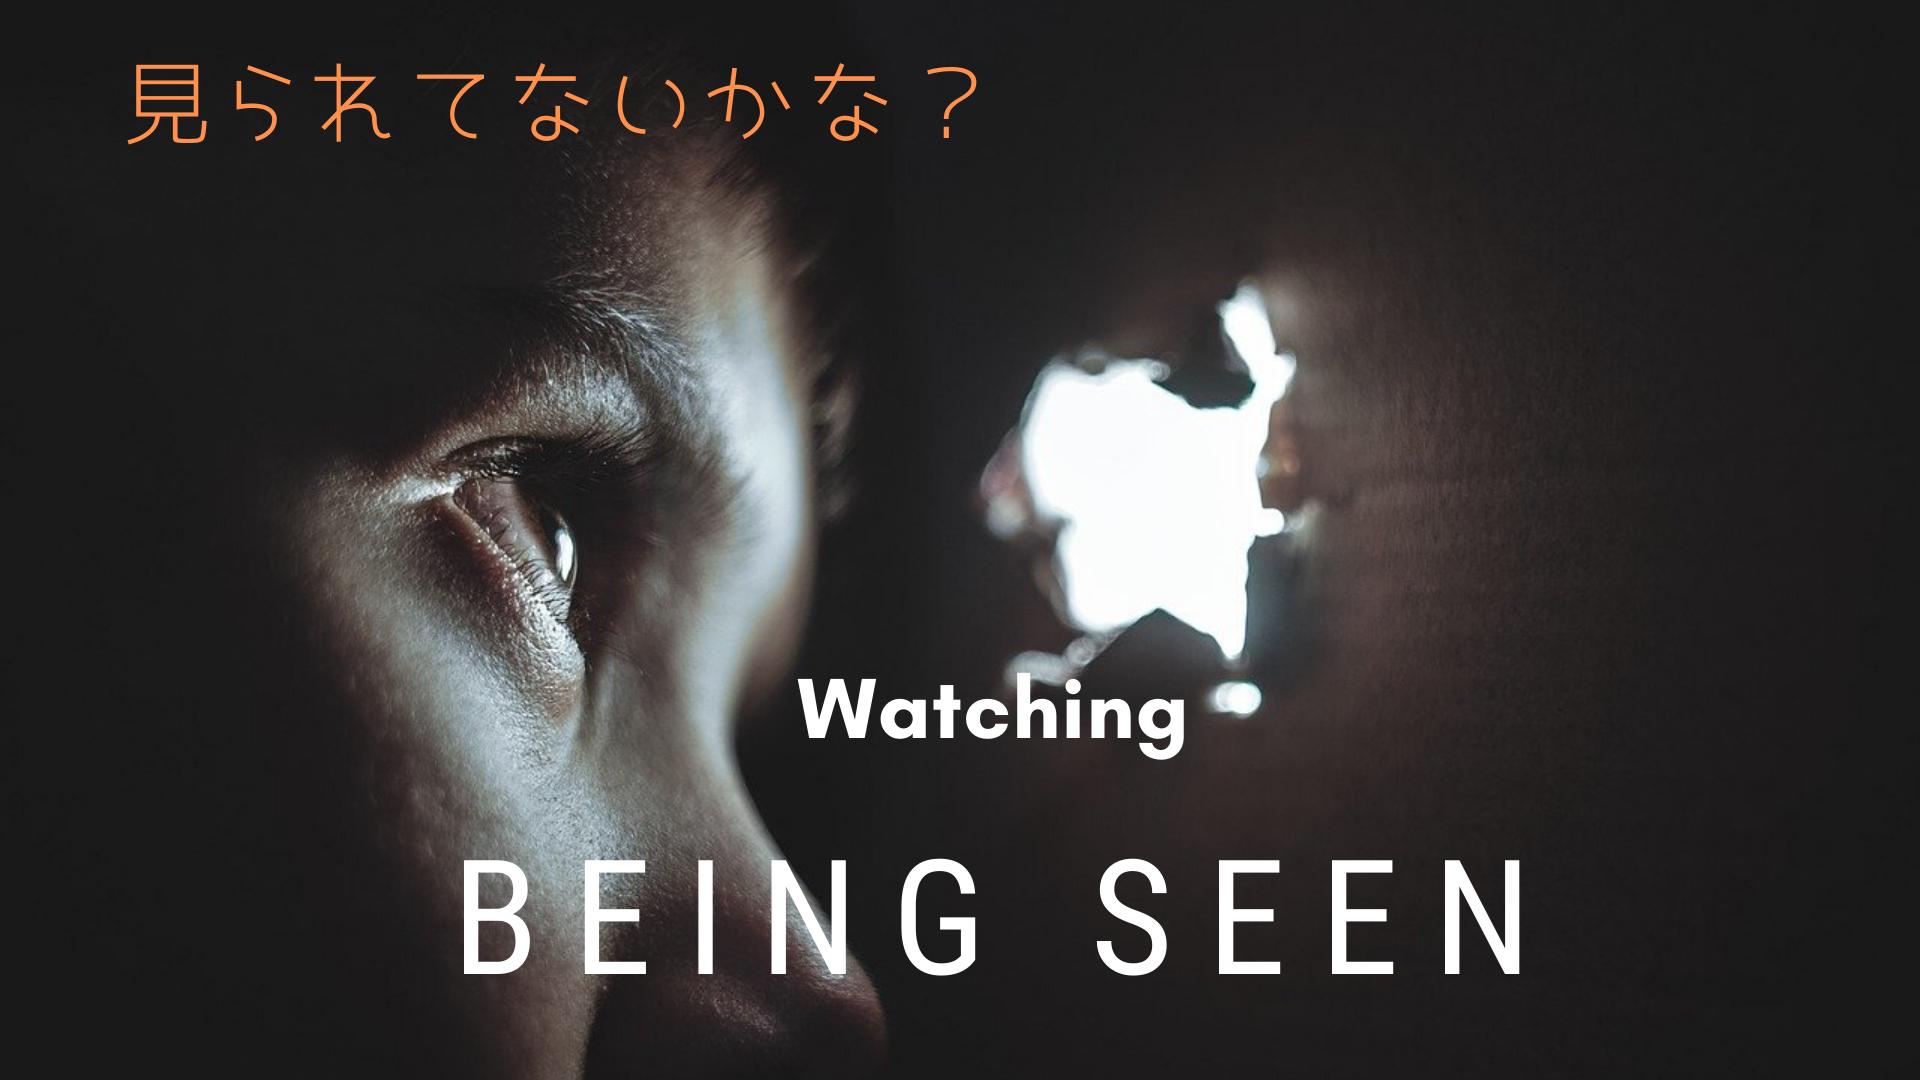 スポットライト効果とは|他人に見られていると錯覚しやすい心理学